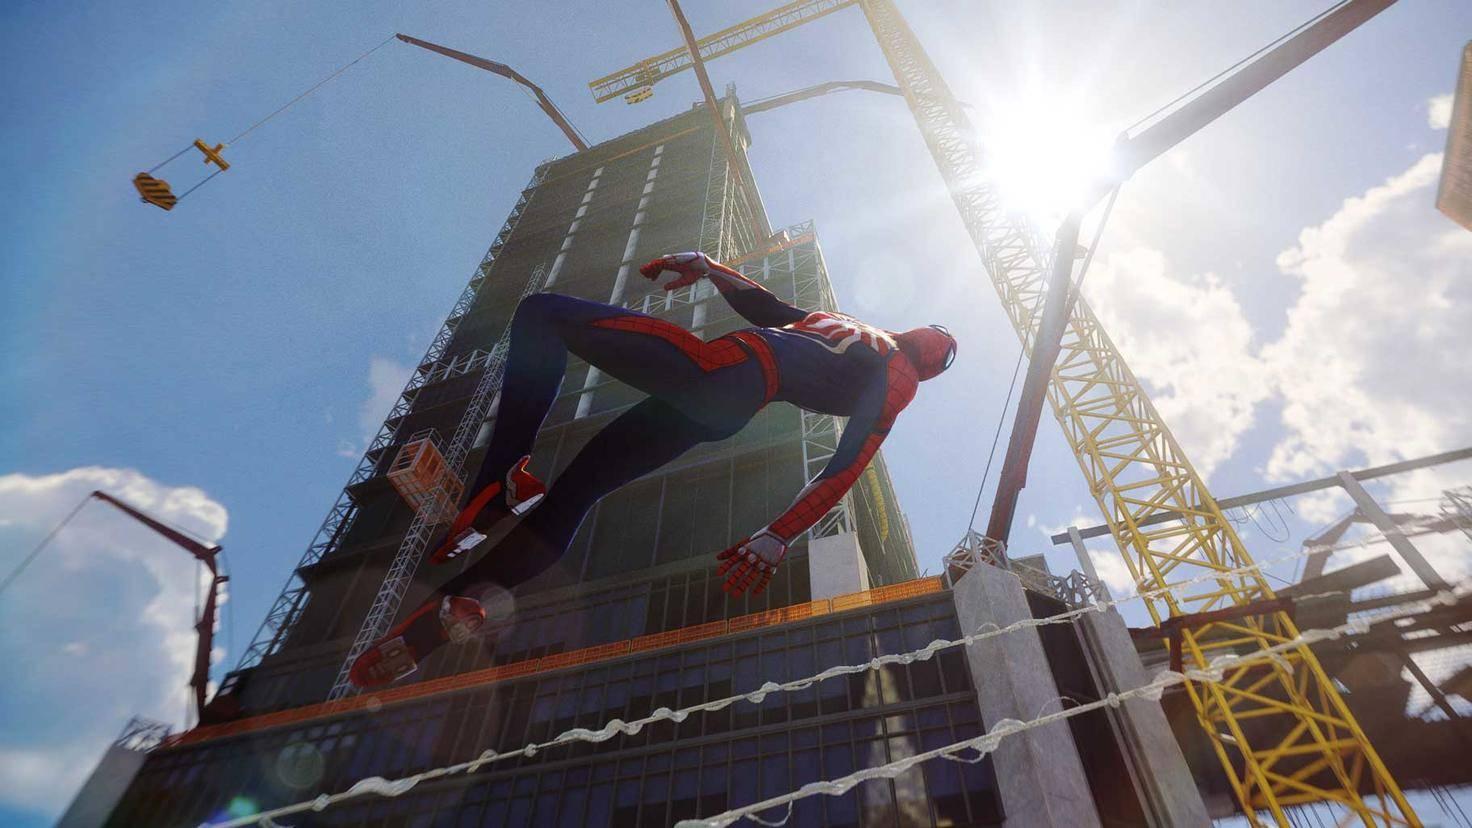 spider-man-ps4-screenshot